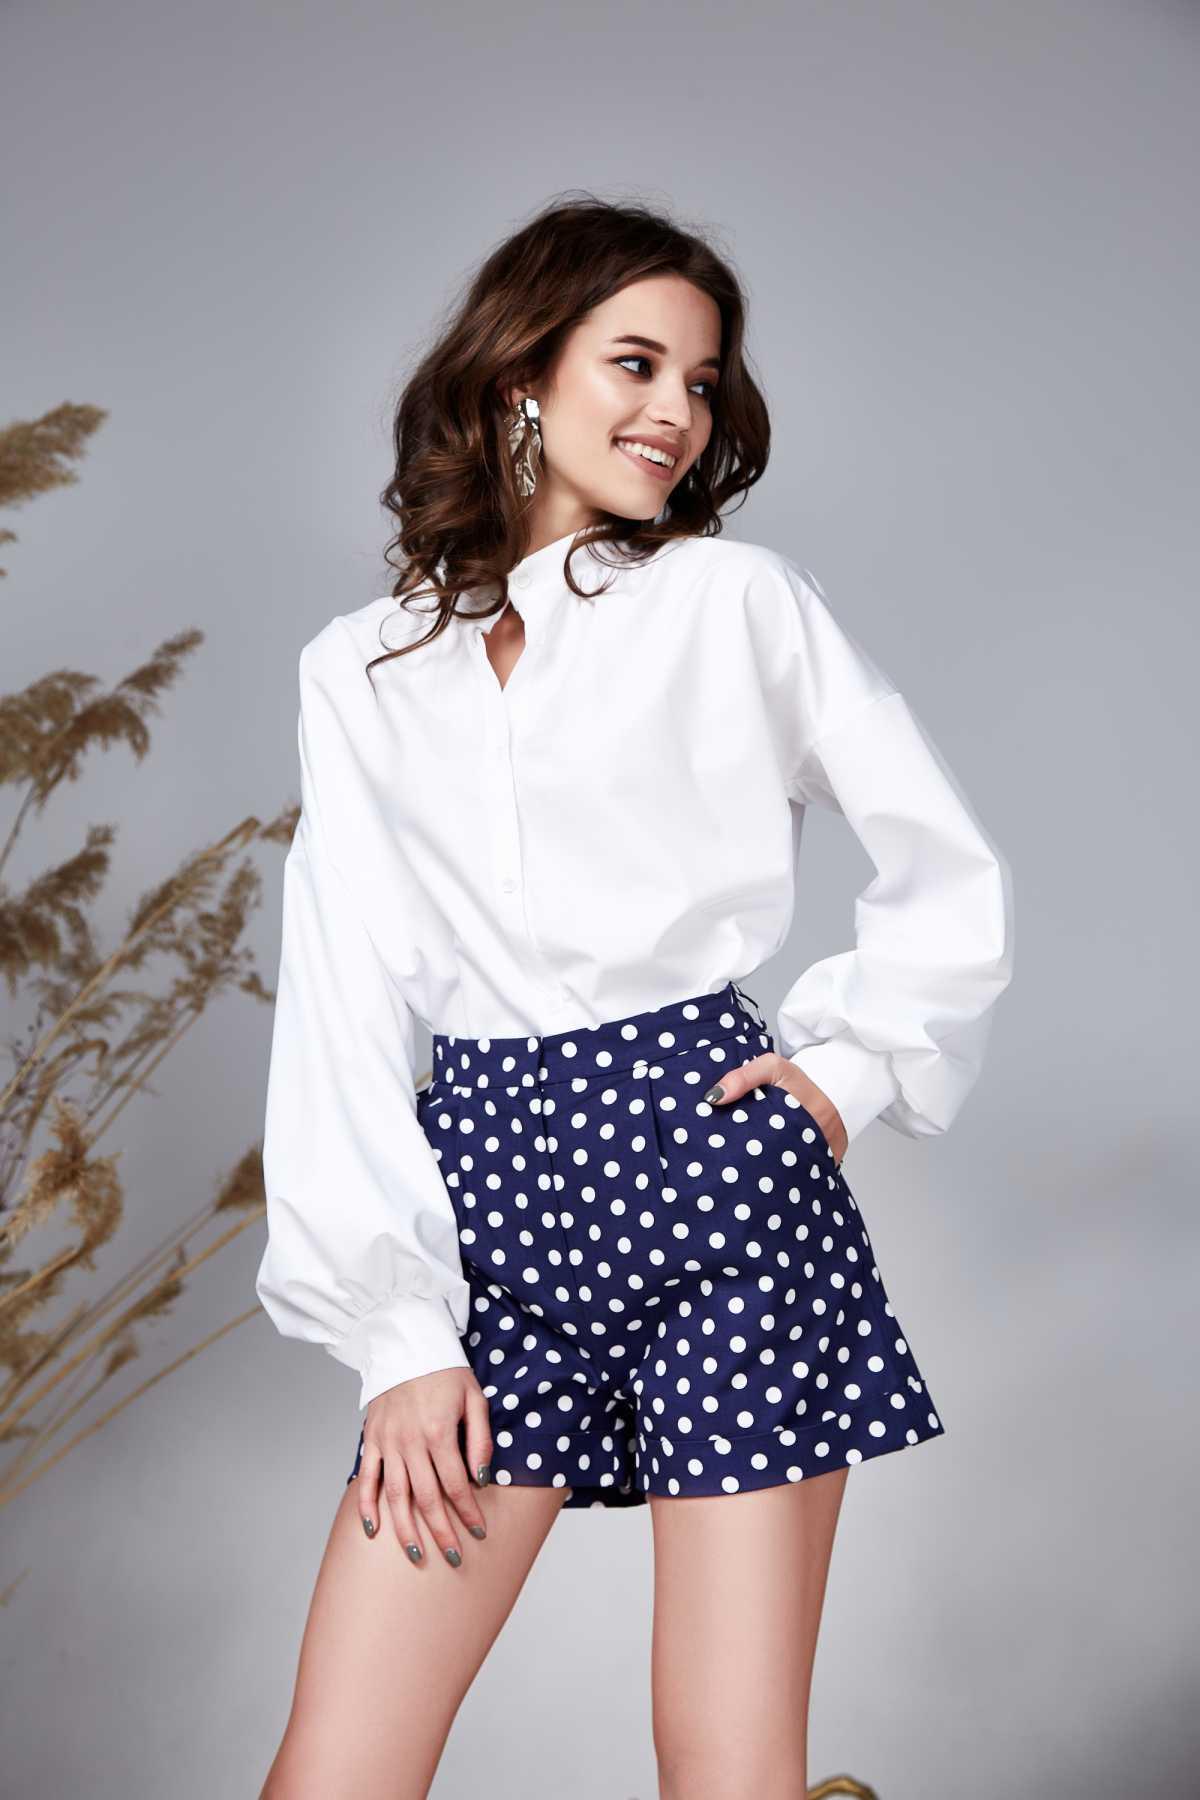 blusa branca com mangas bufantes